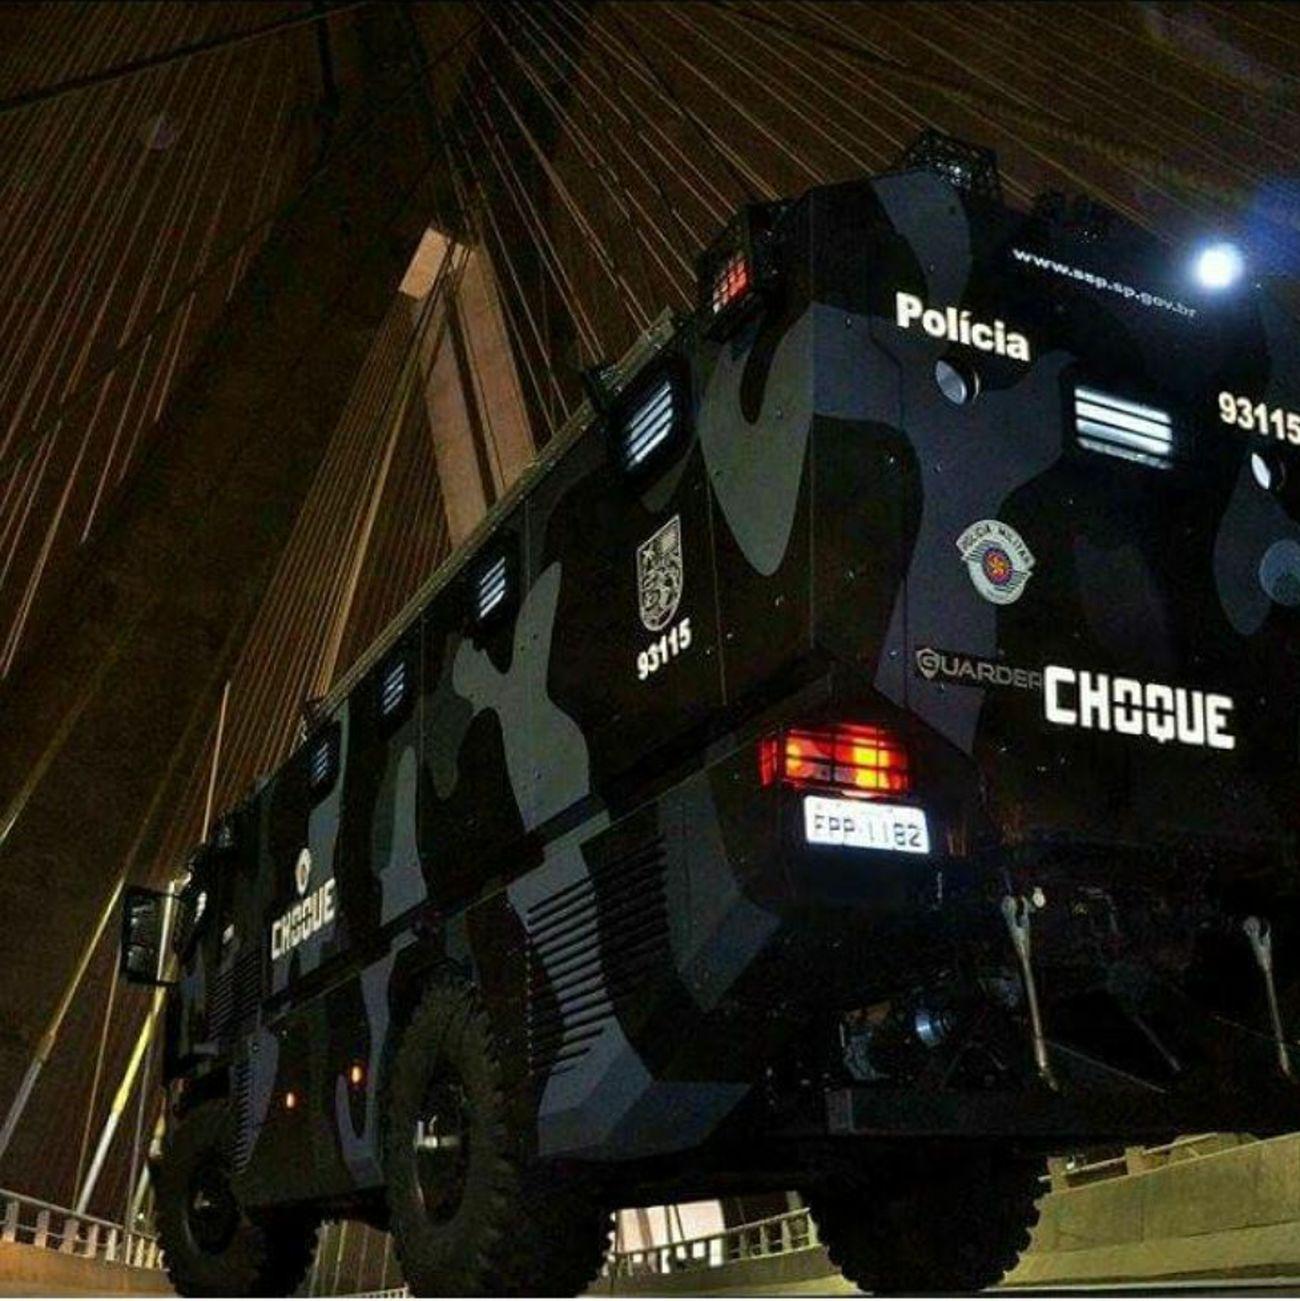 Blindado PMESP Policia Militar Do Estado De Sao Paulo Sao Paulo - Brazil Military Police Segurança Publica